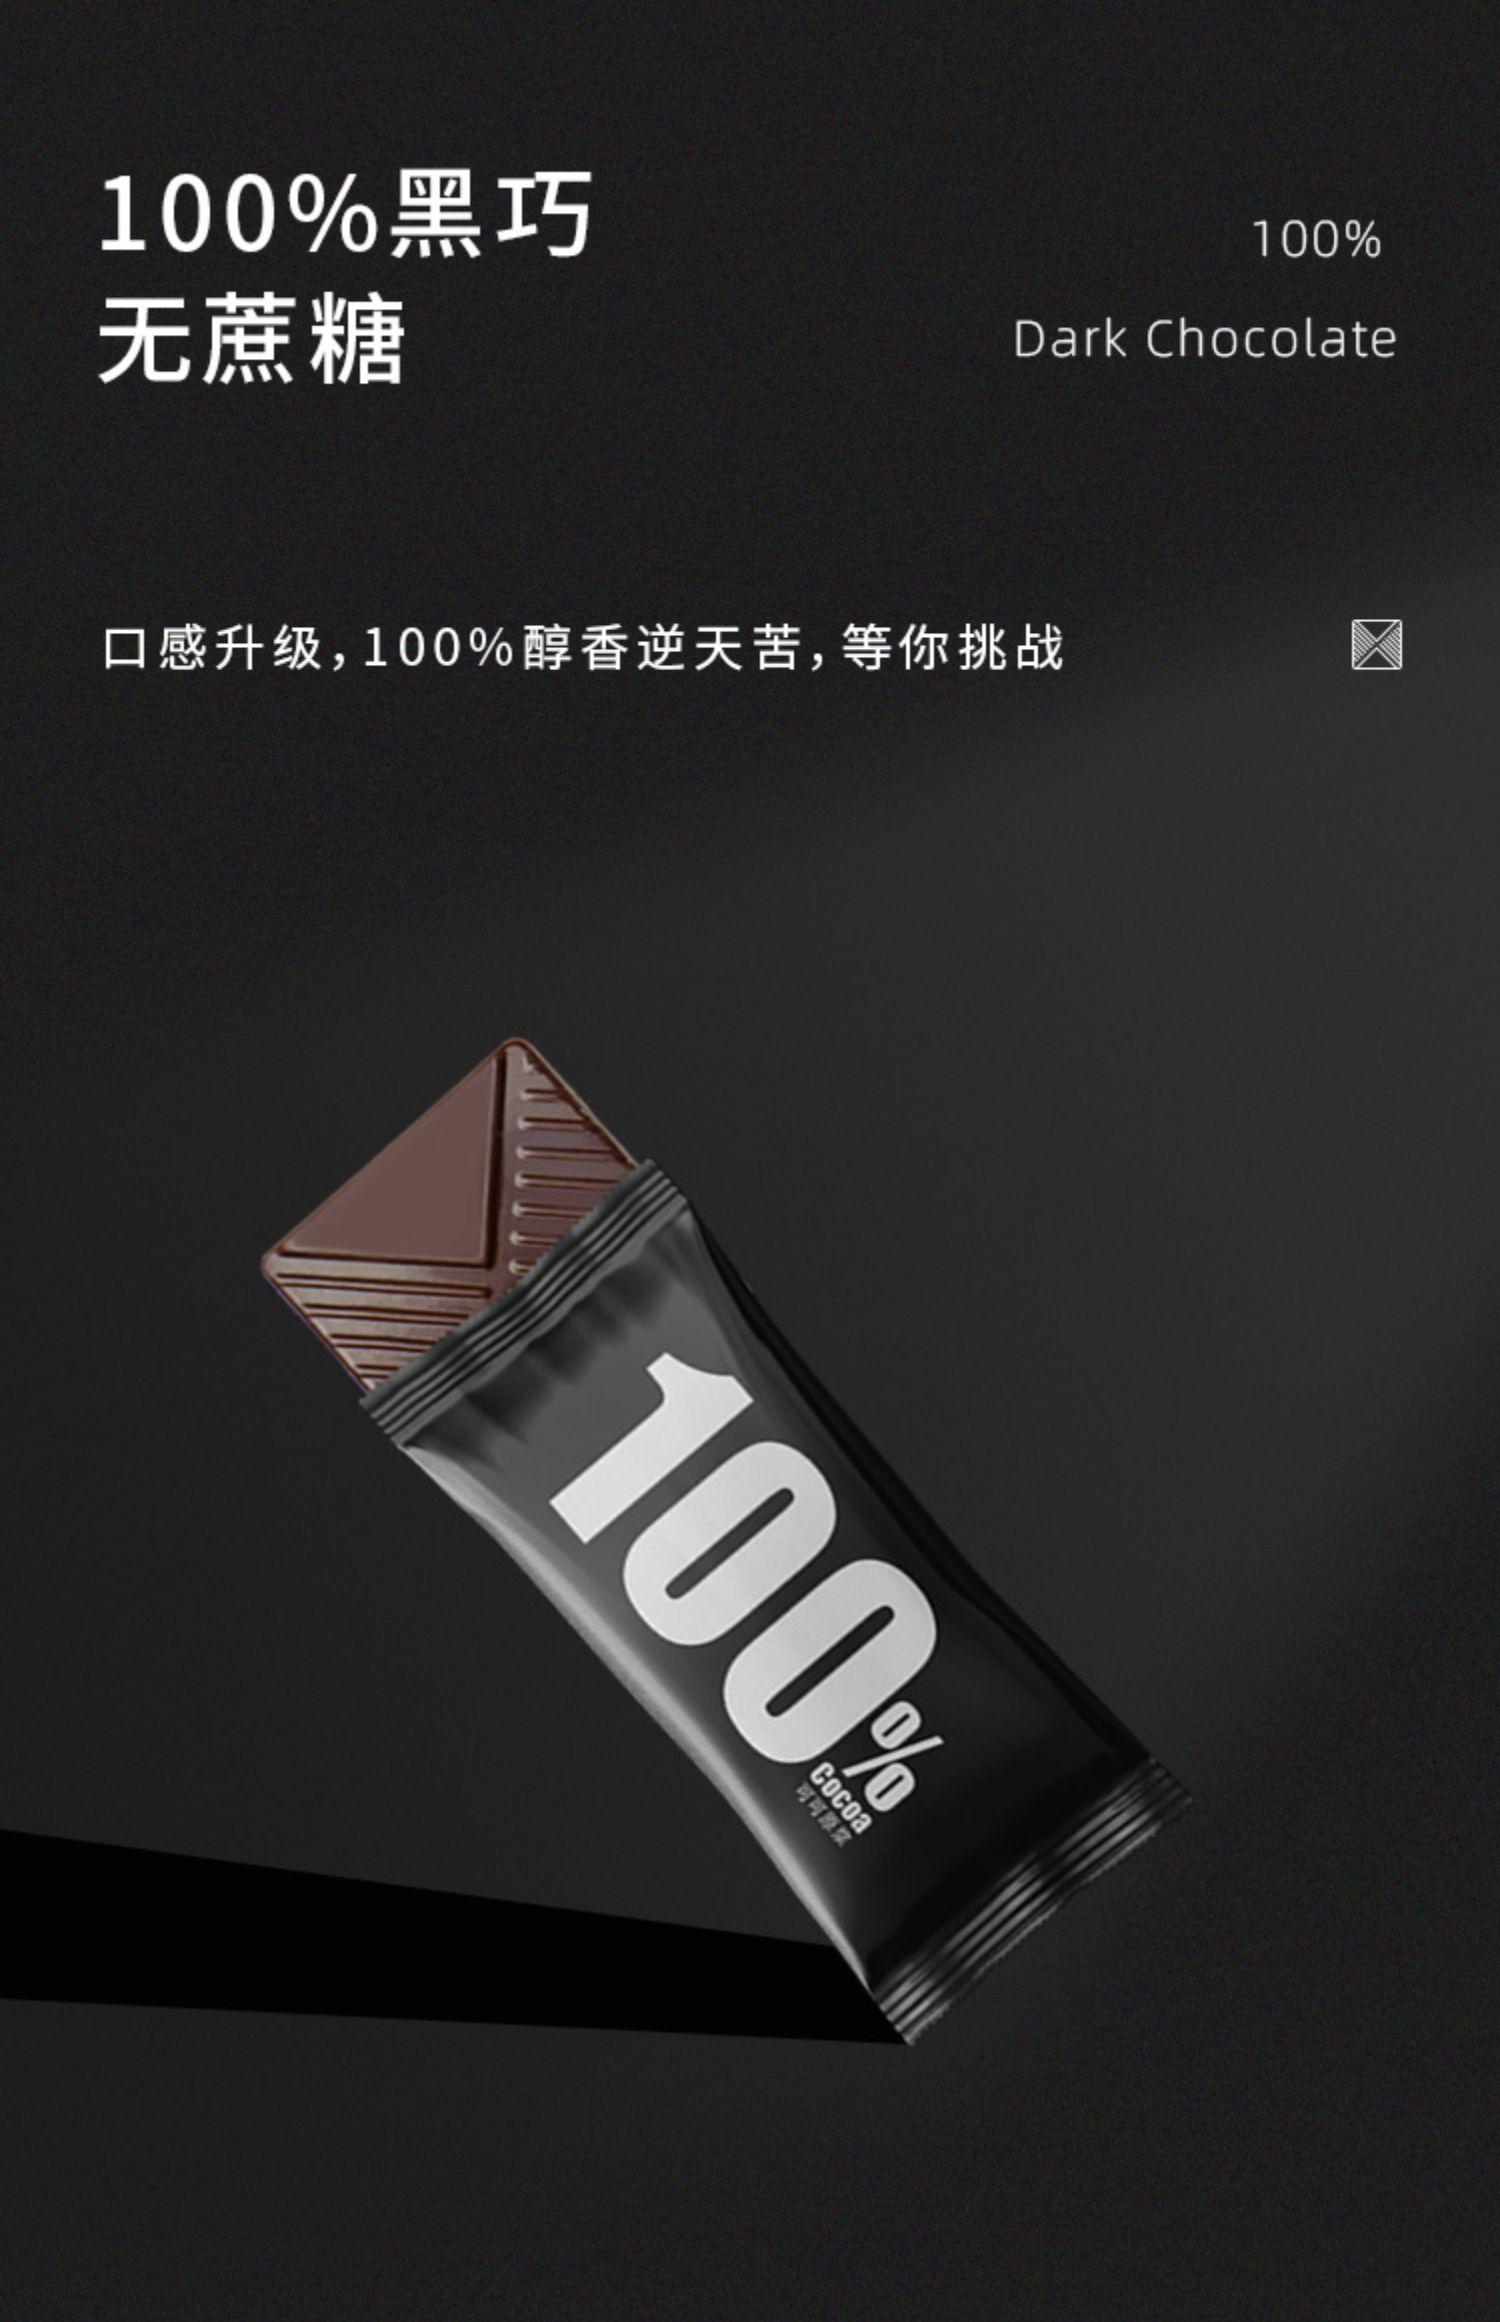 【单独包装】純黑无蔗糖巧克力盒装